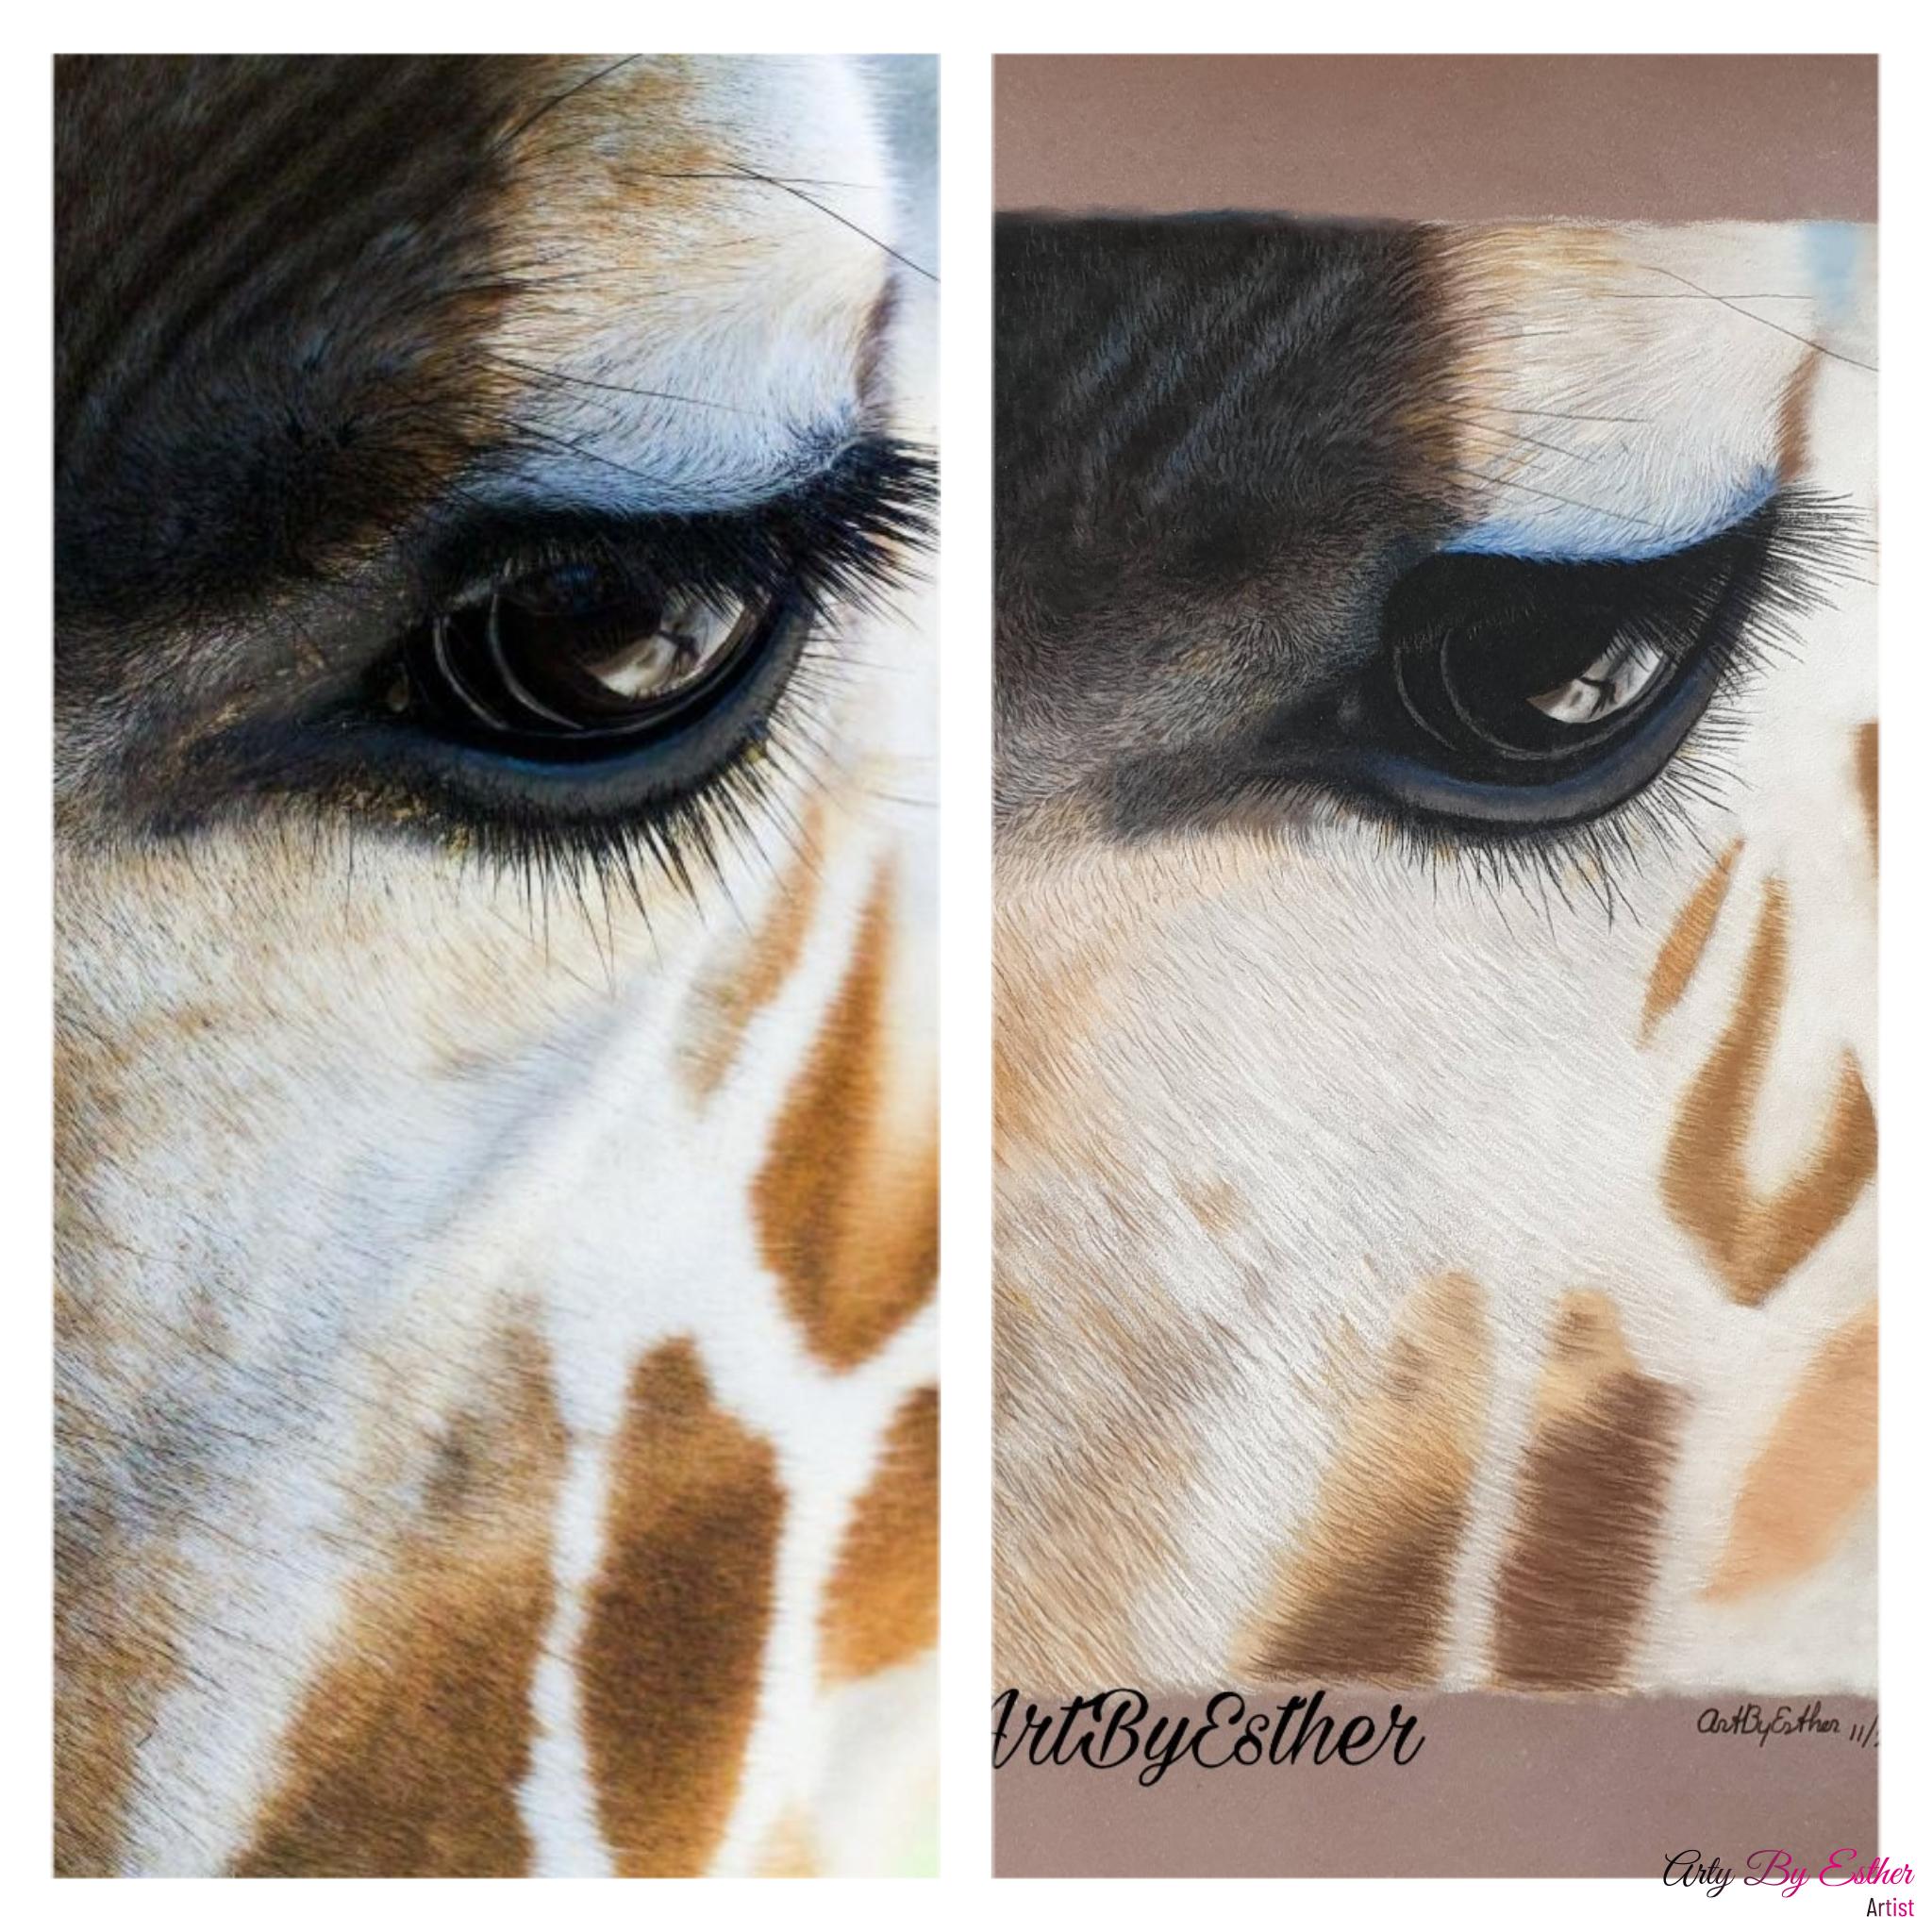 Giraffe Pastelpainting wildlife